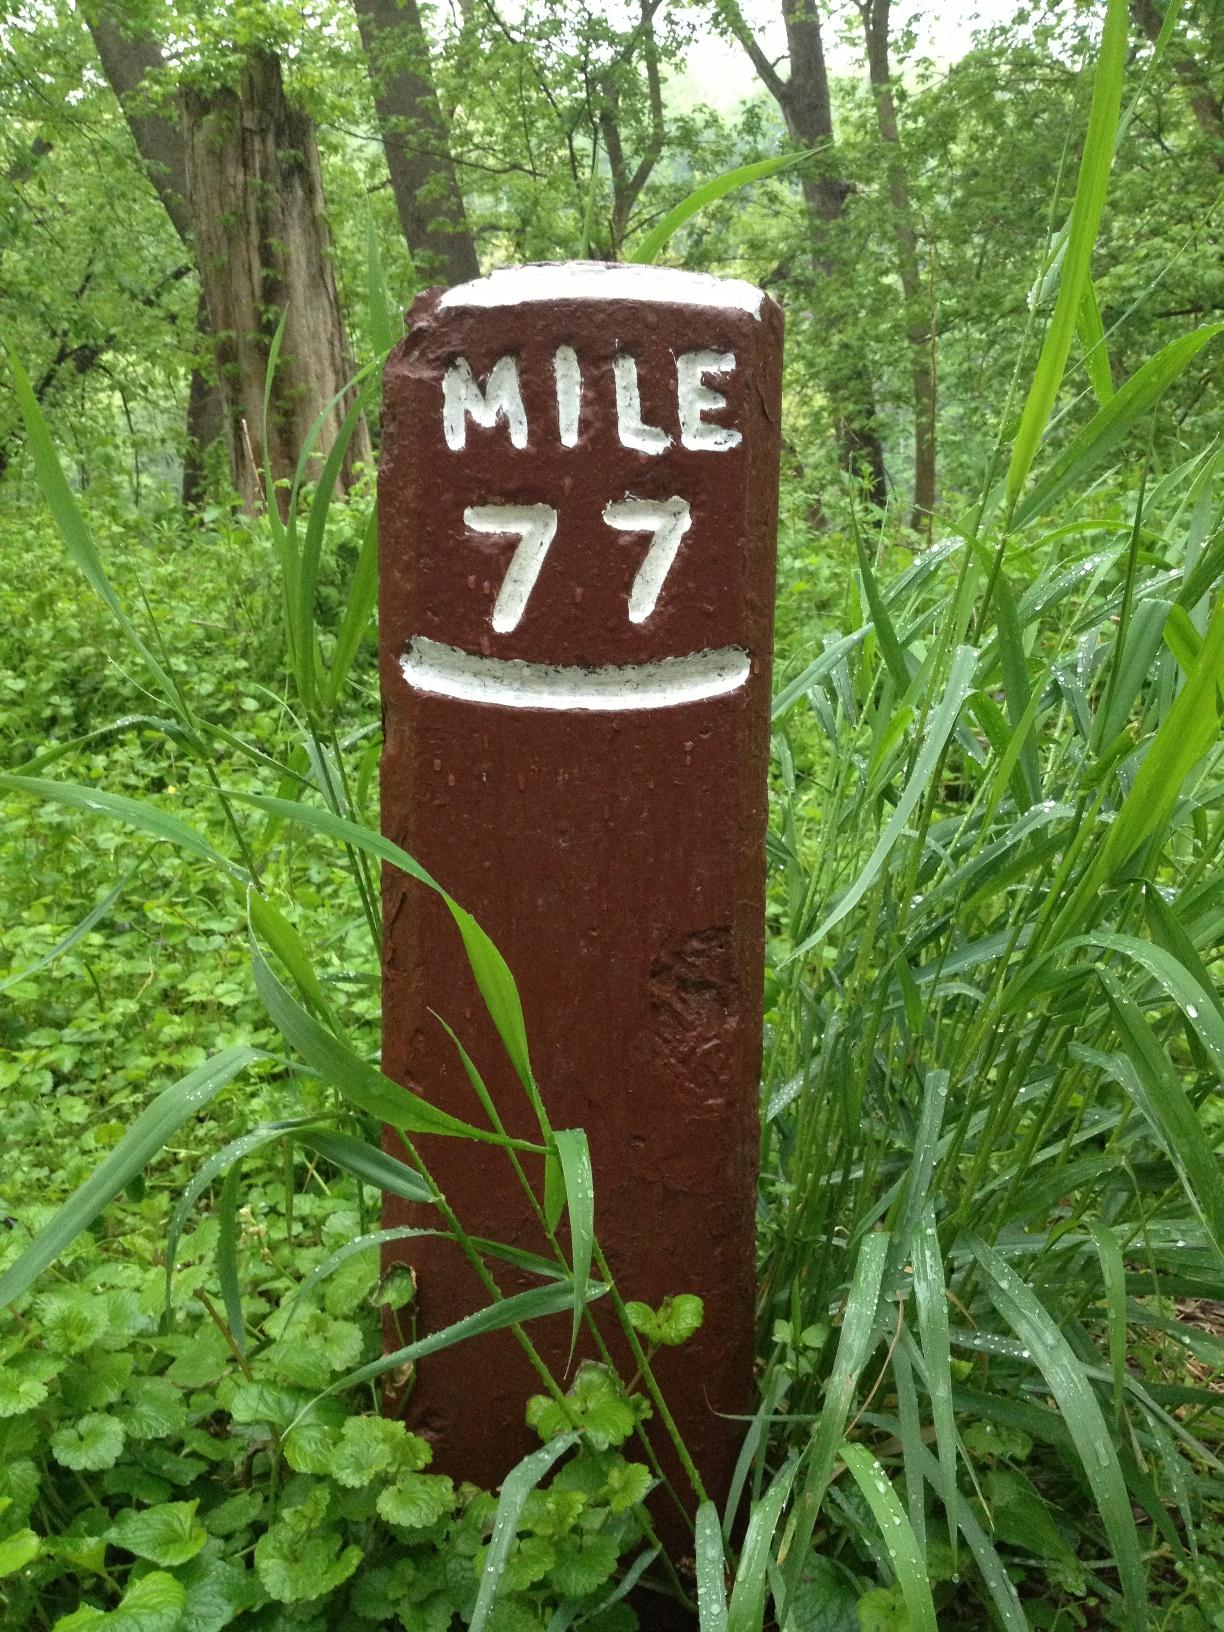 Milepost 77